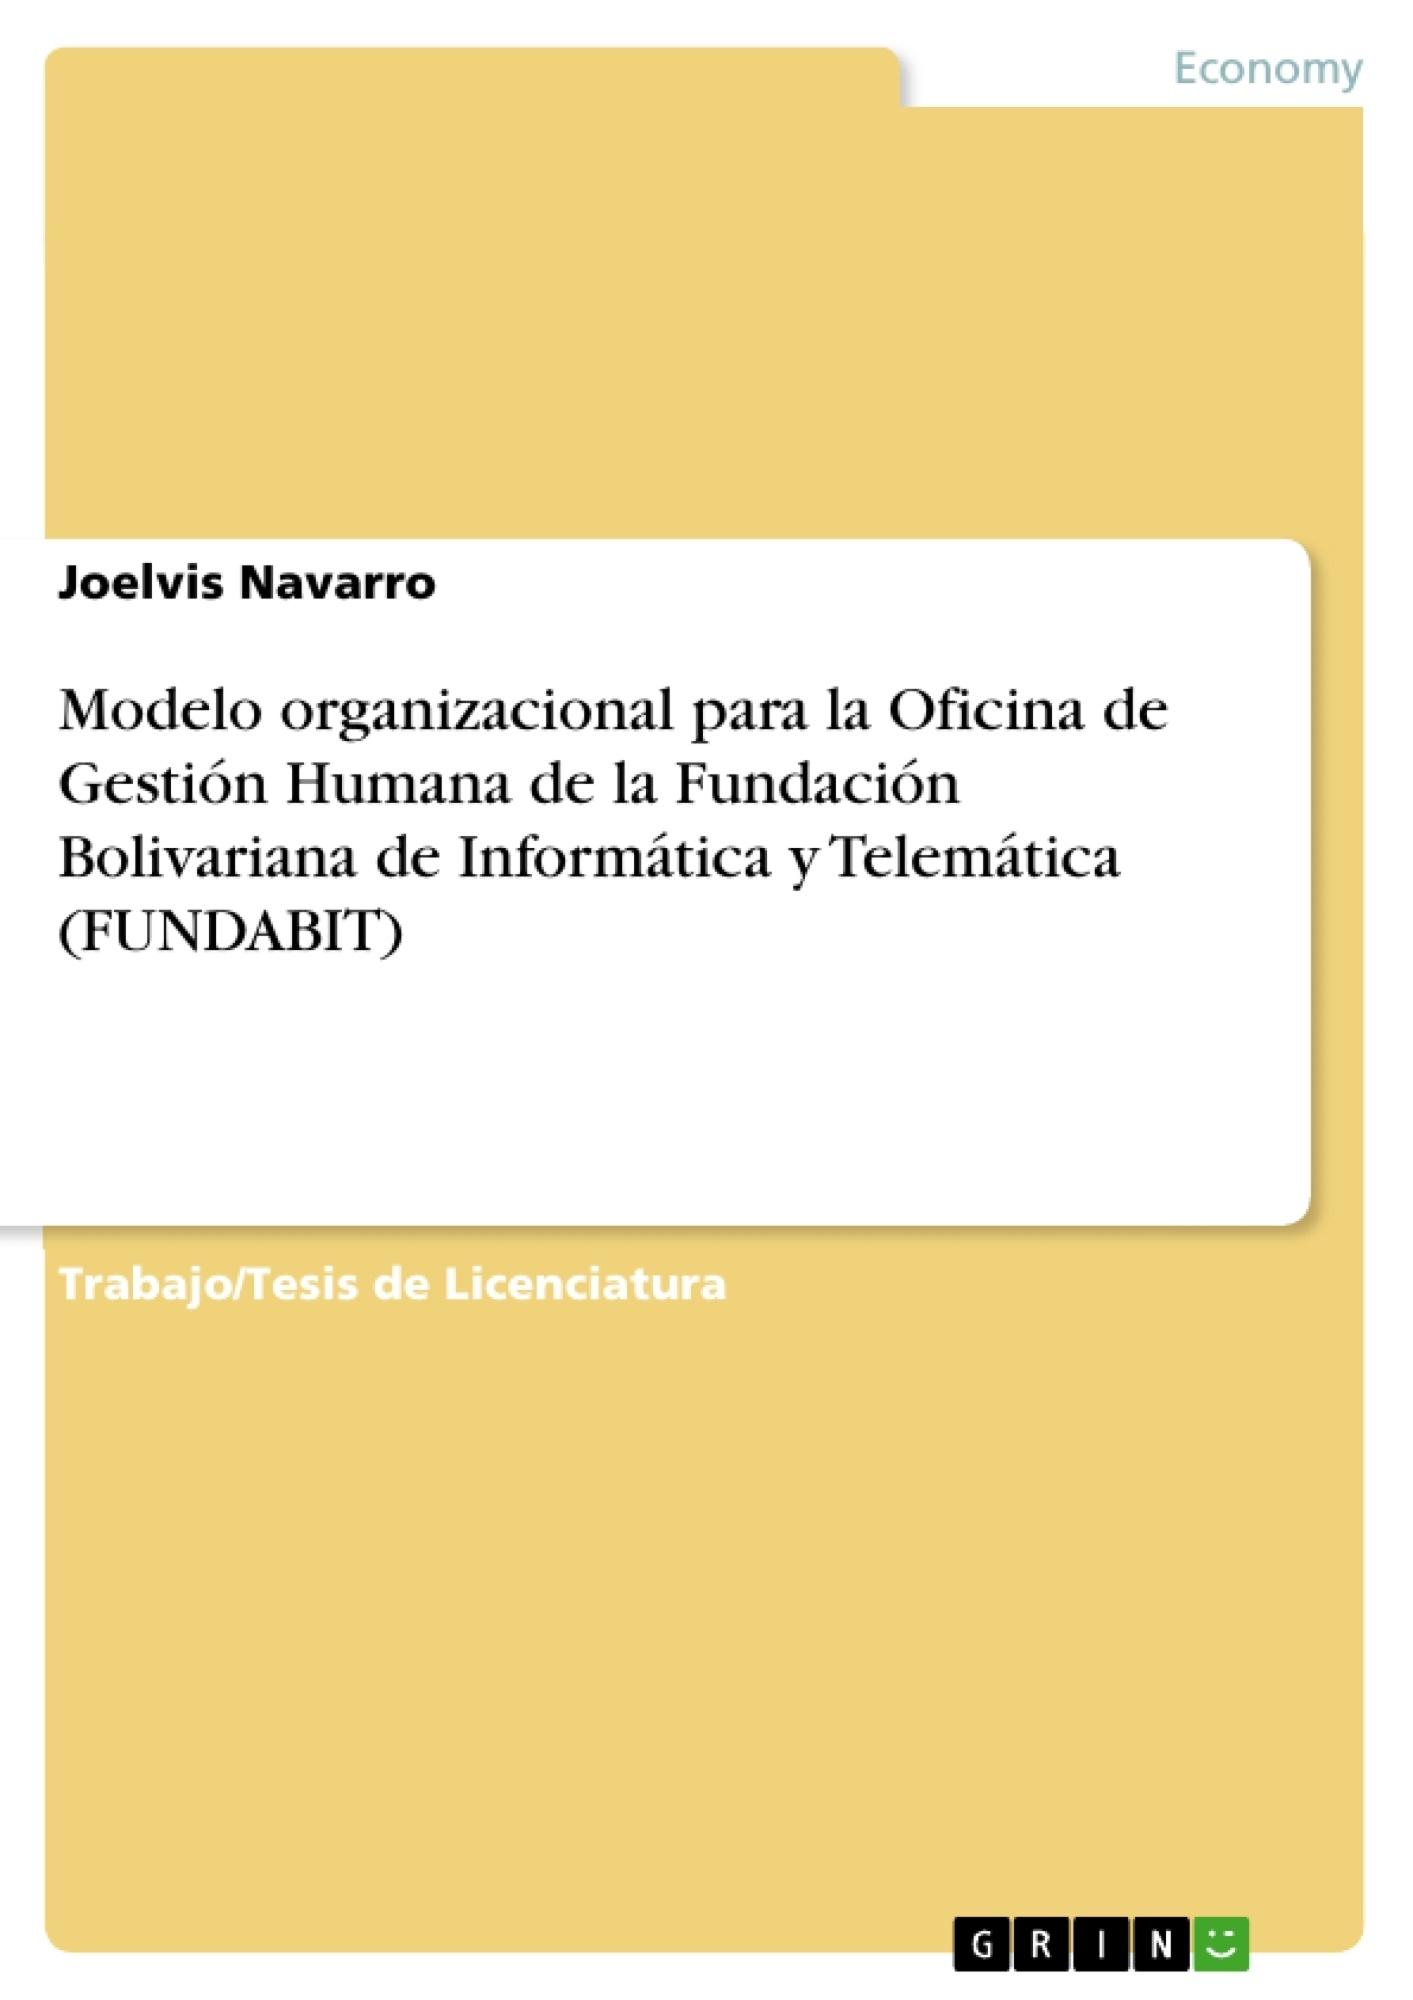 Título: Modelo organizacional para la Oficina de Gestión Humana de la Fundación Bolivariana de Informática y Telemática (FUNDABIT)